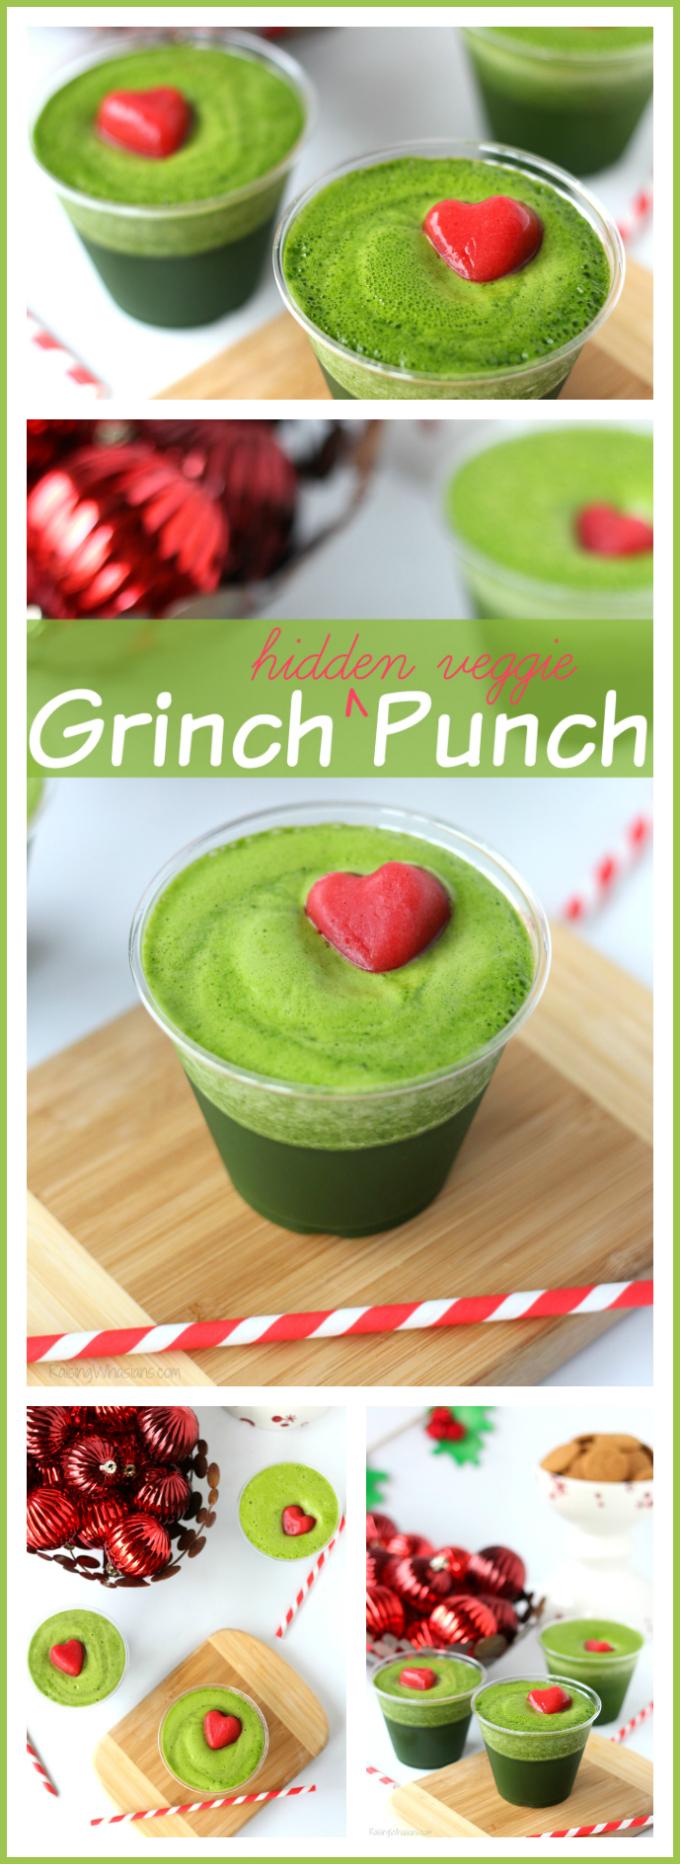 Grinch punch pinterest